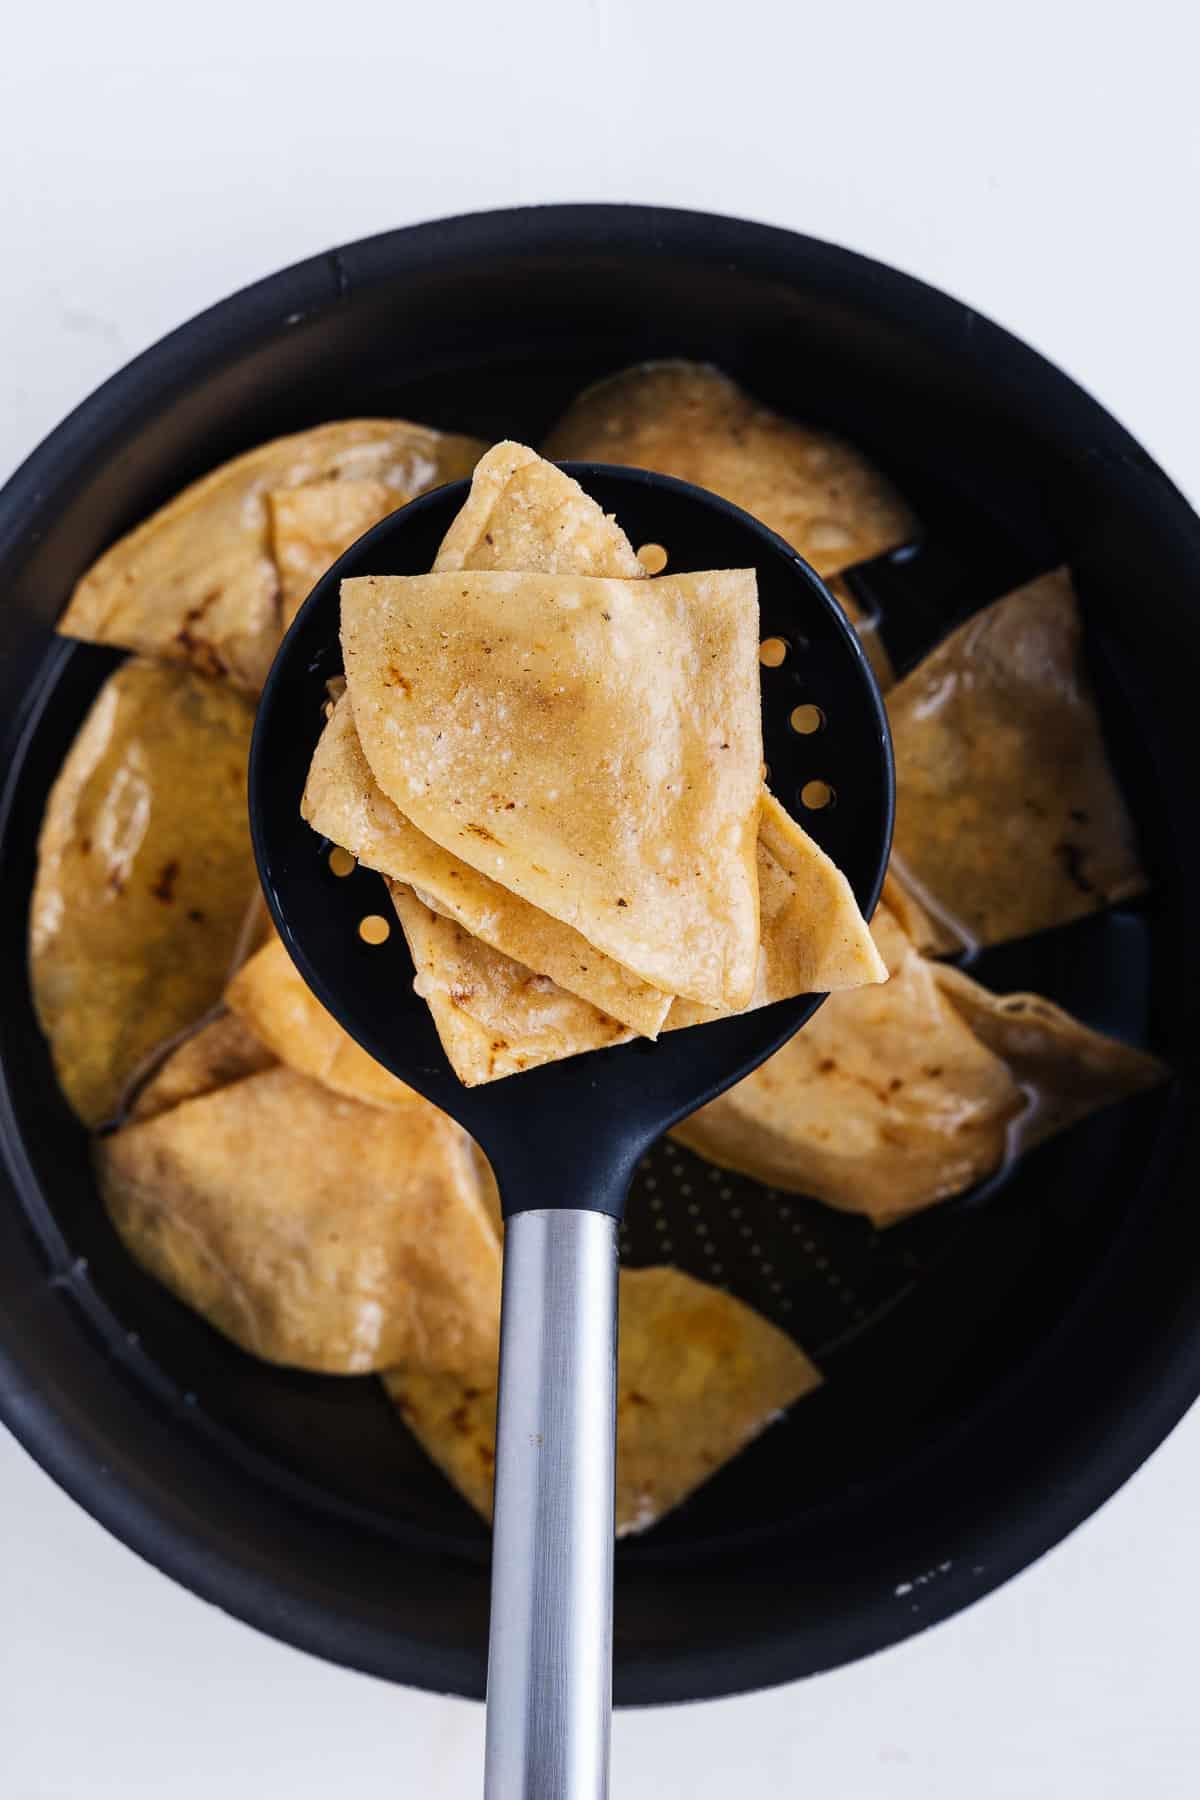 Fried Corn Tortillas in a Pot of Oil